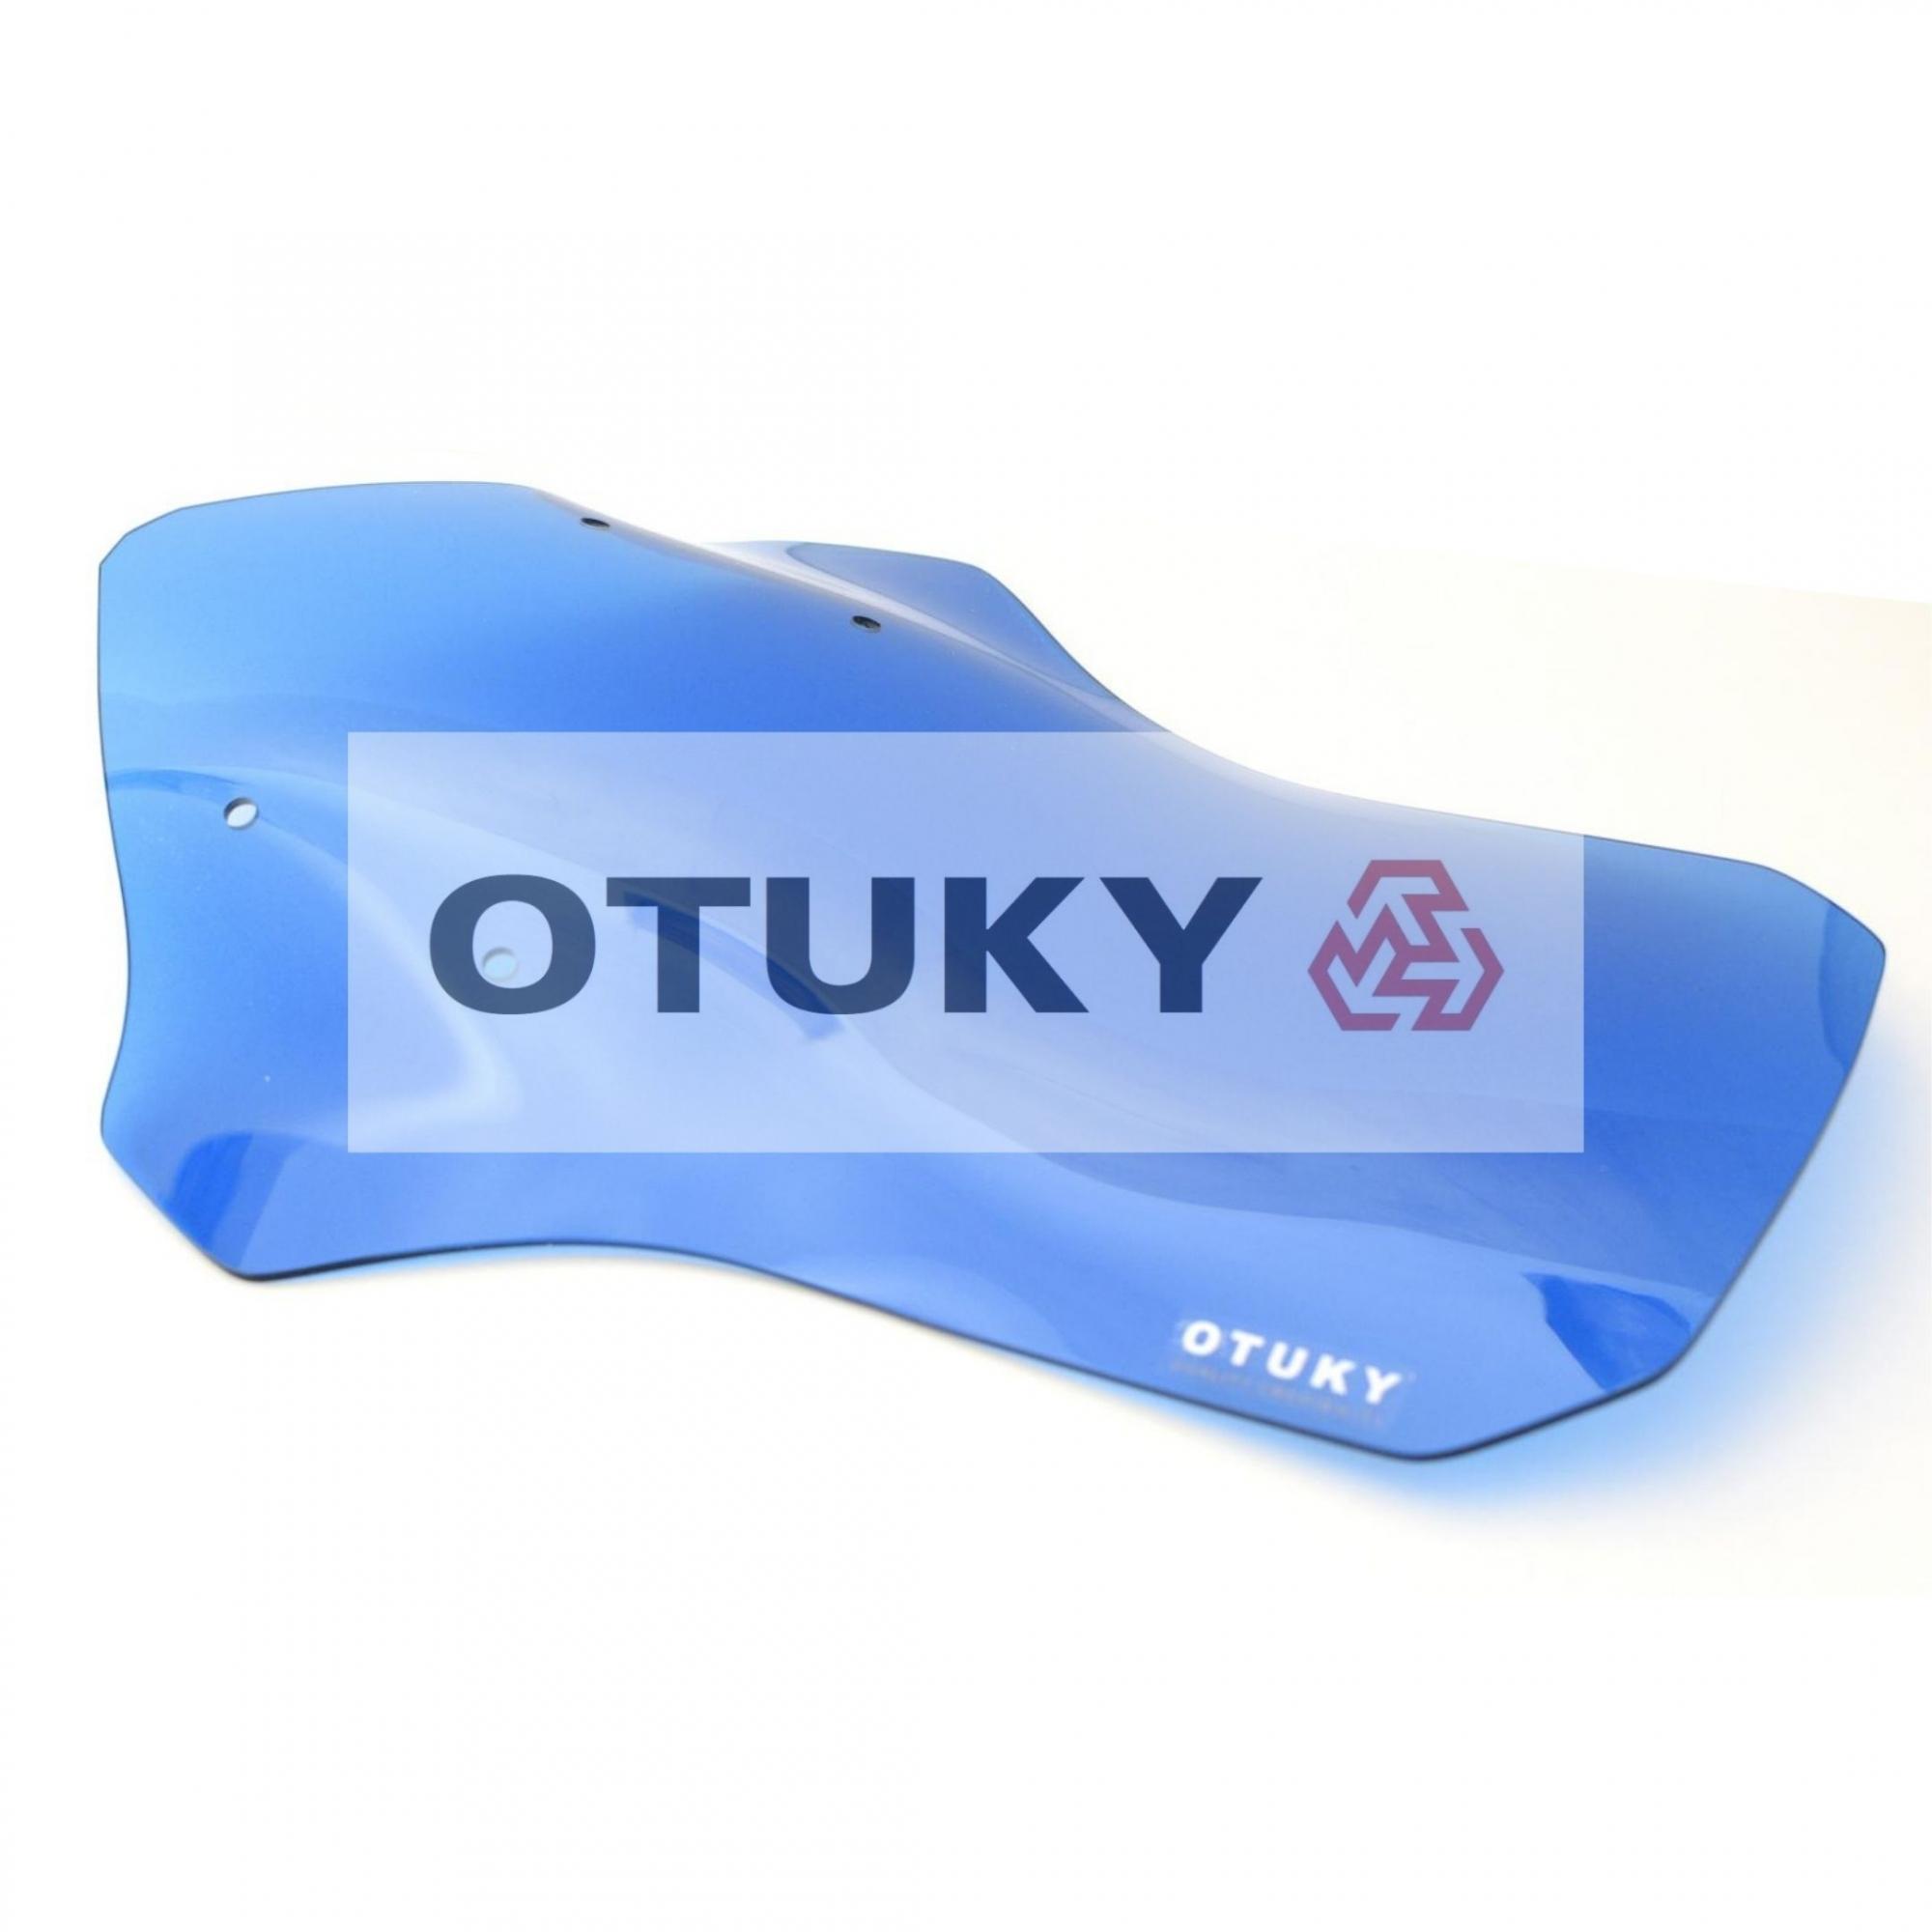 Bolha para Moto Ténéré 250 Xtz 2011 2012 2013 2014 2015 2016 2017 2018 Otuky Alongada 46cm Azul-Claro